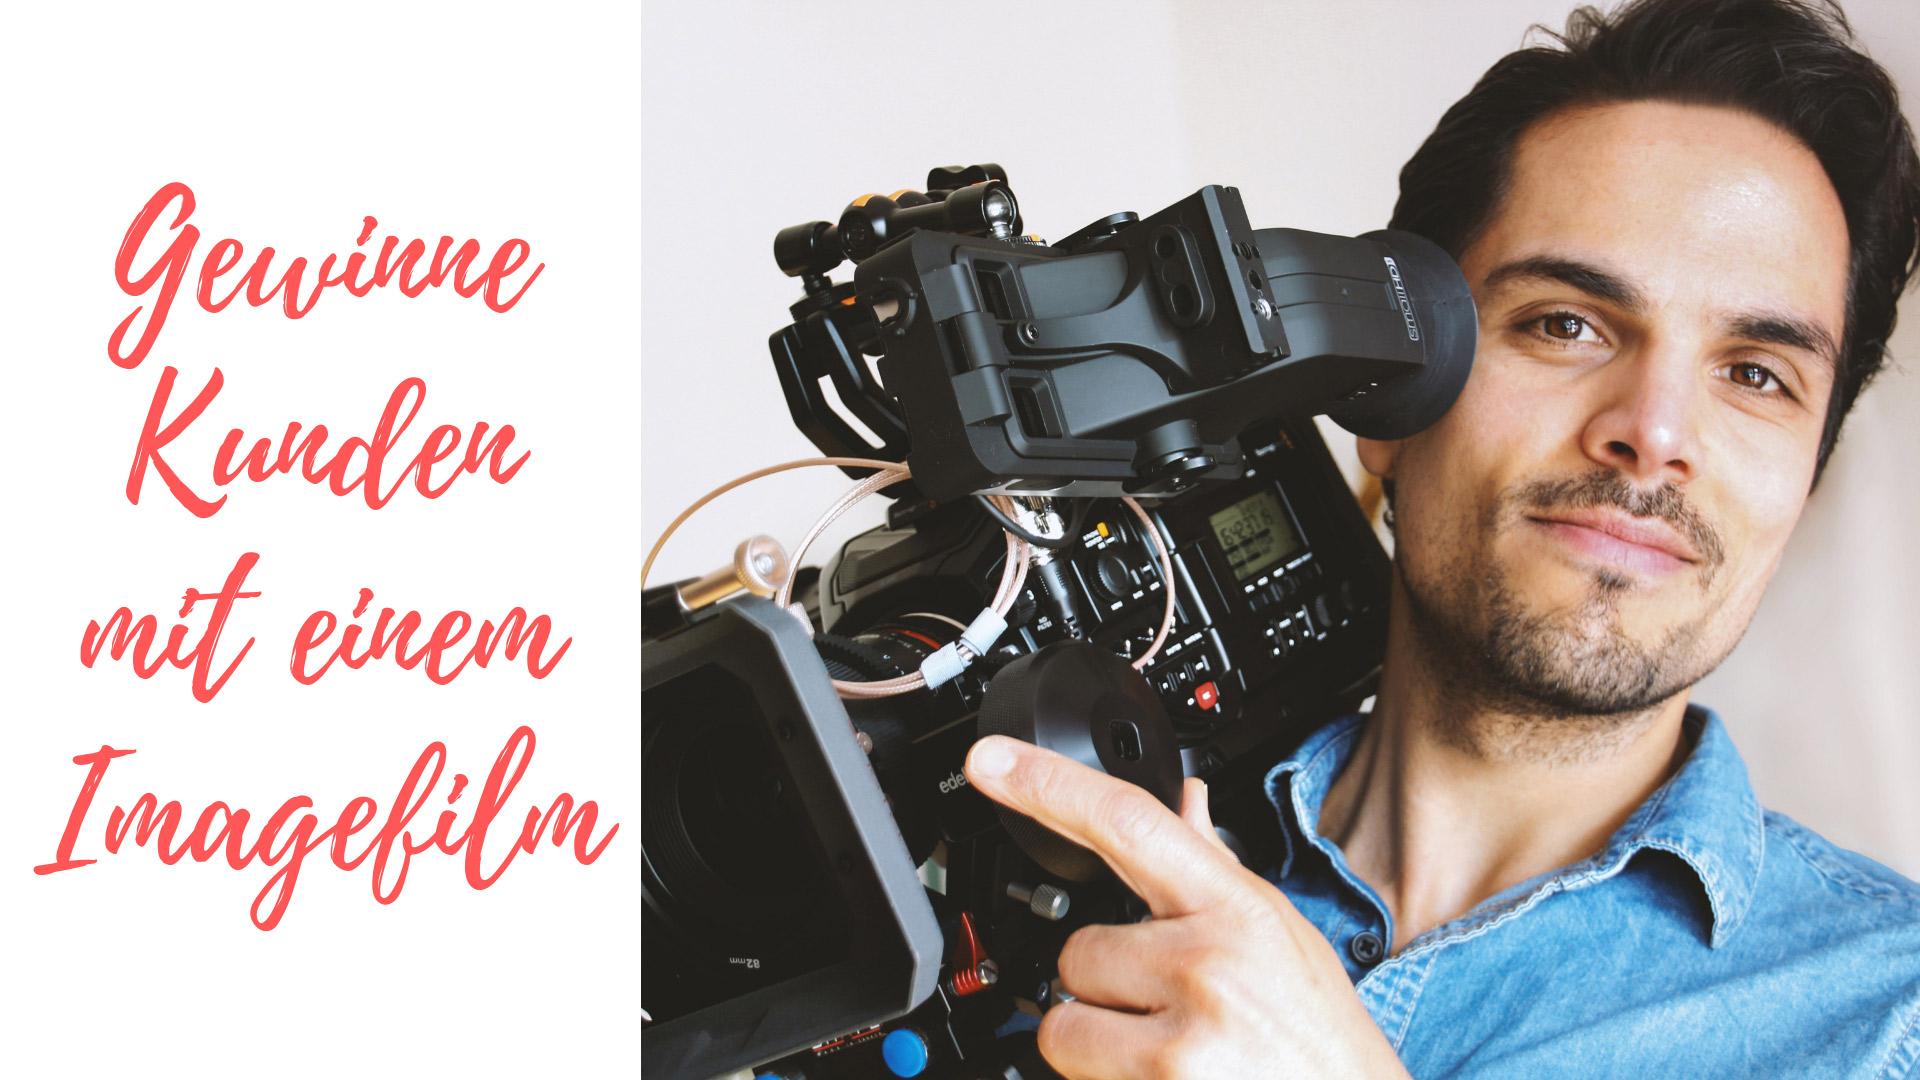 Gewinne Kunden mit einem Imagefilm: erzähle deine Geschichte!